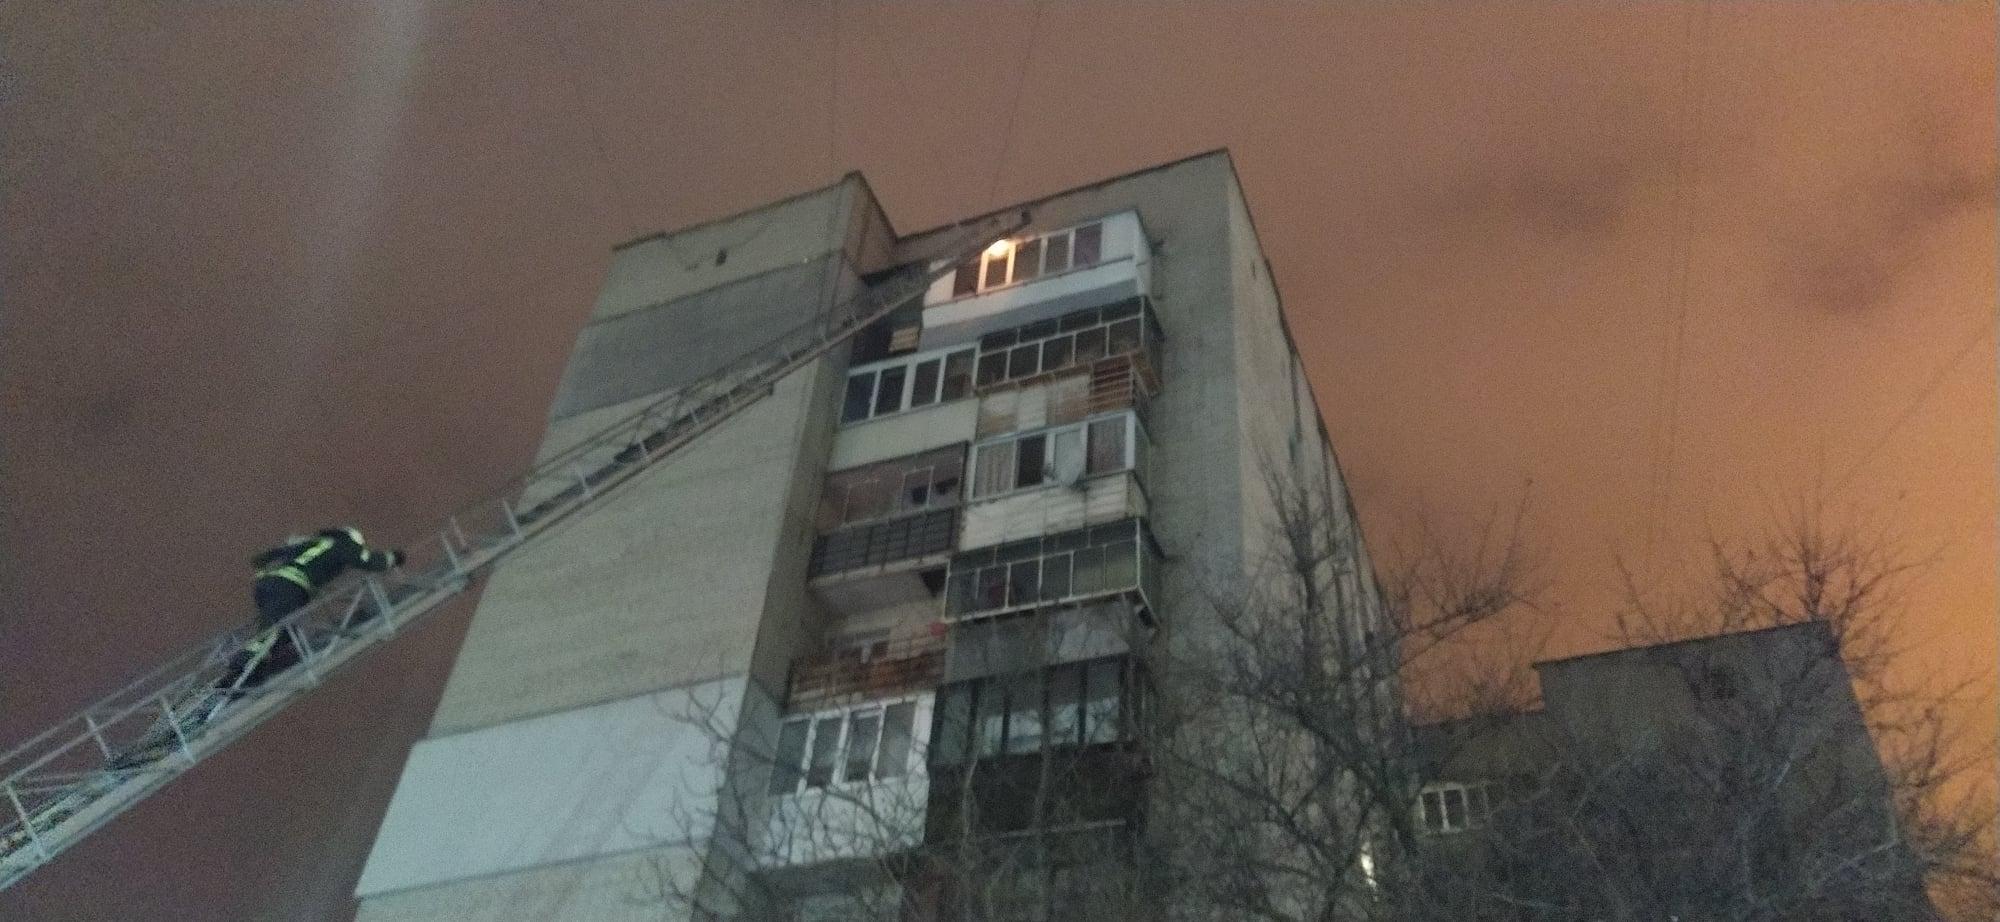 В Броварах горів балкон на 9 поверсі багатоповерхівки - рятувальники, вогонь - 145283967 1825190960964475 4191912237312195144 o